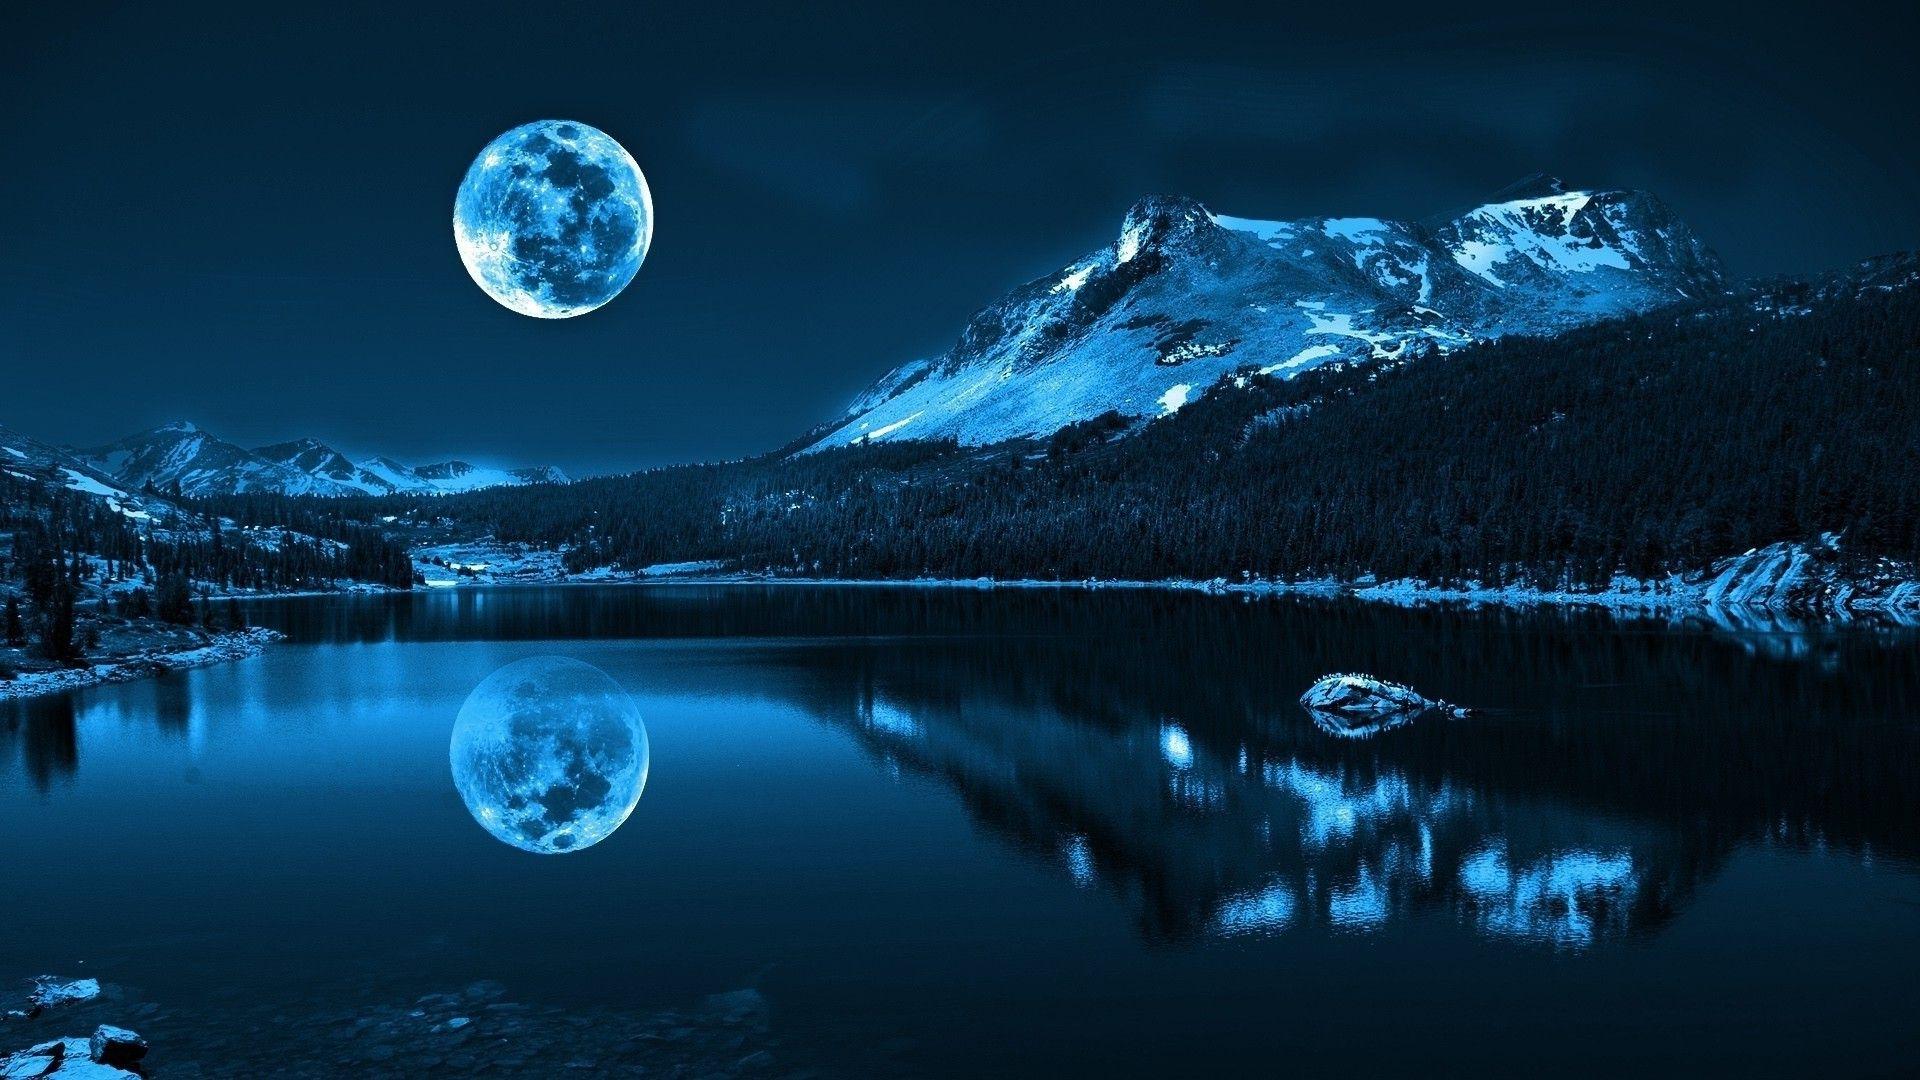 blue moon landscape wallpaper picture wallpaper fond d écran